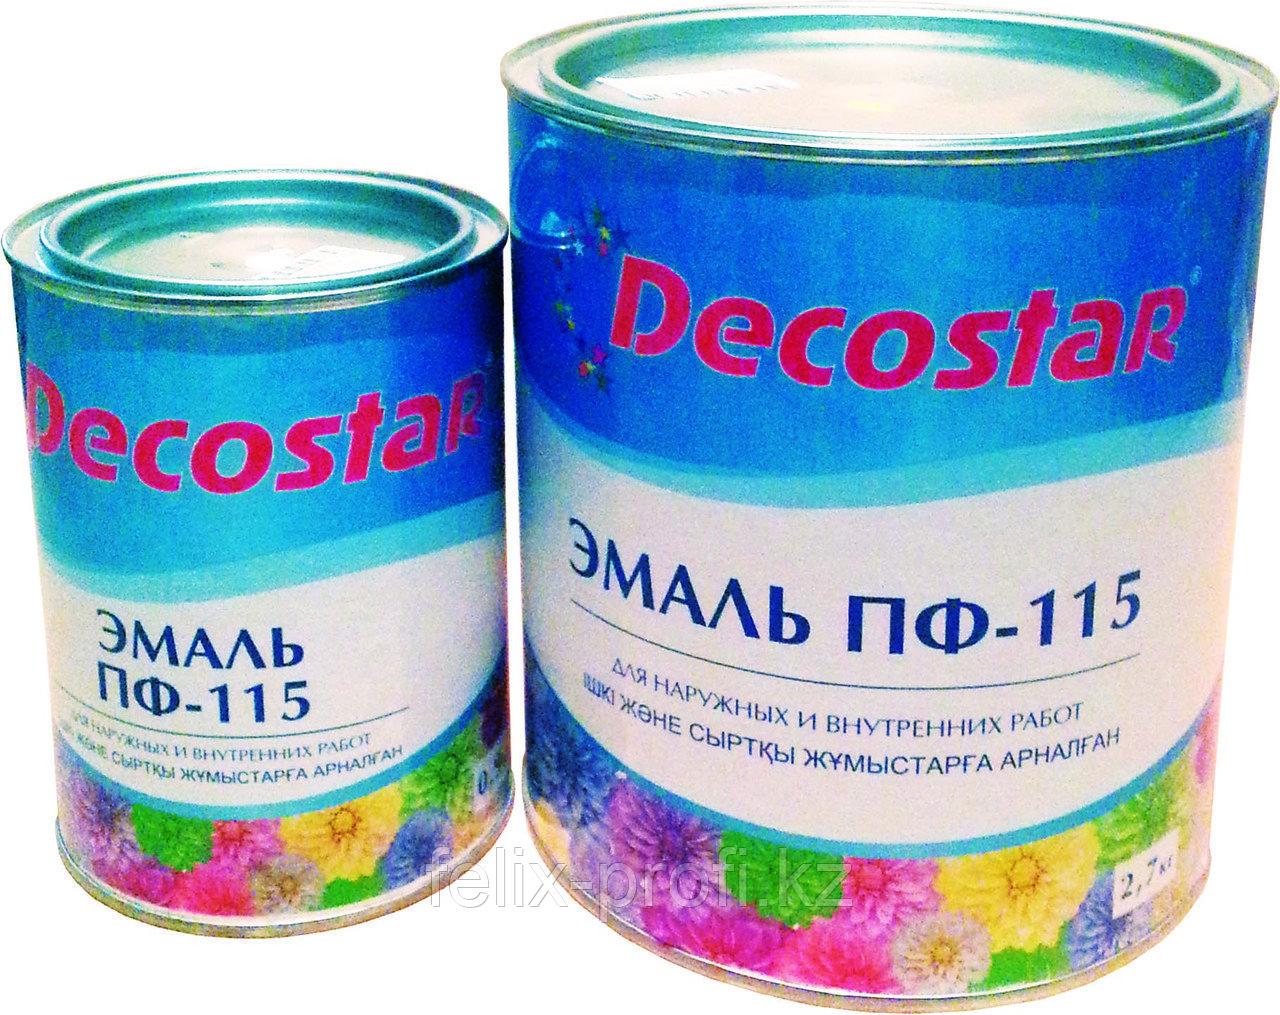 Decostar Эмаль ПФ-115 светло-голубая, 2.7 кг